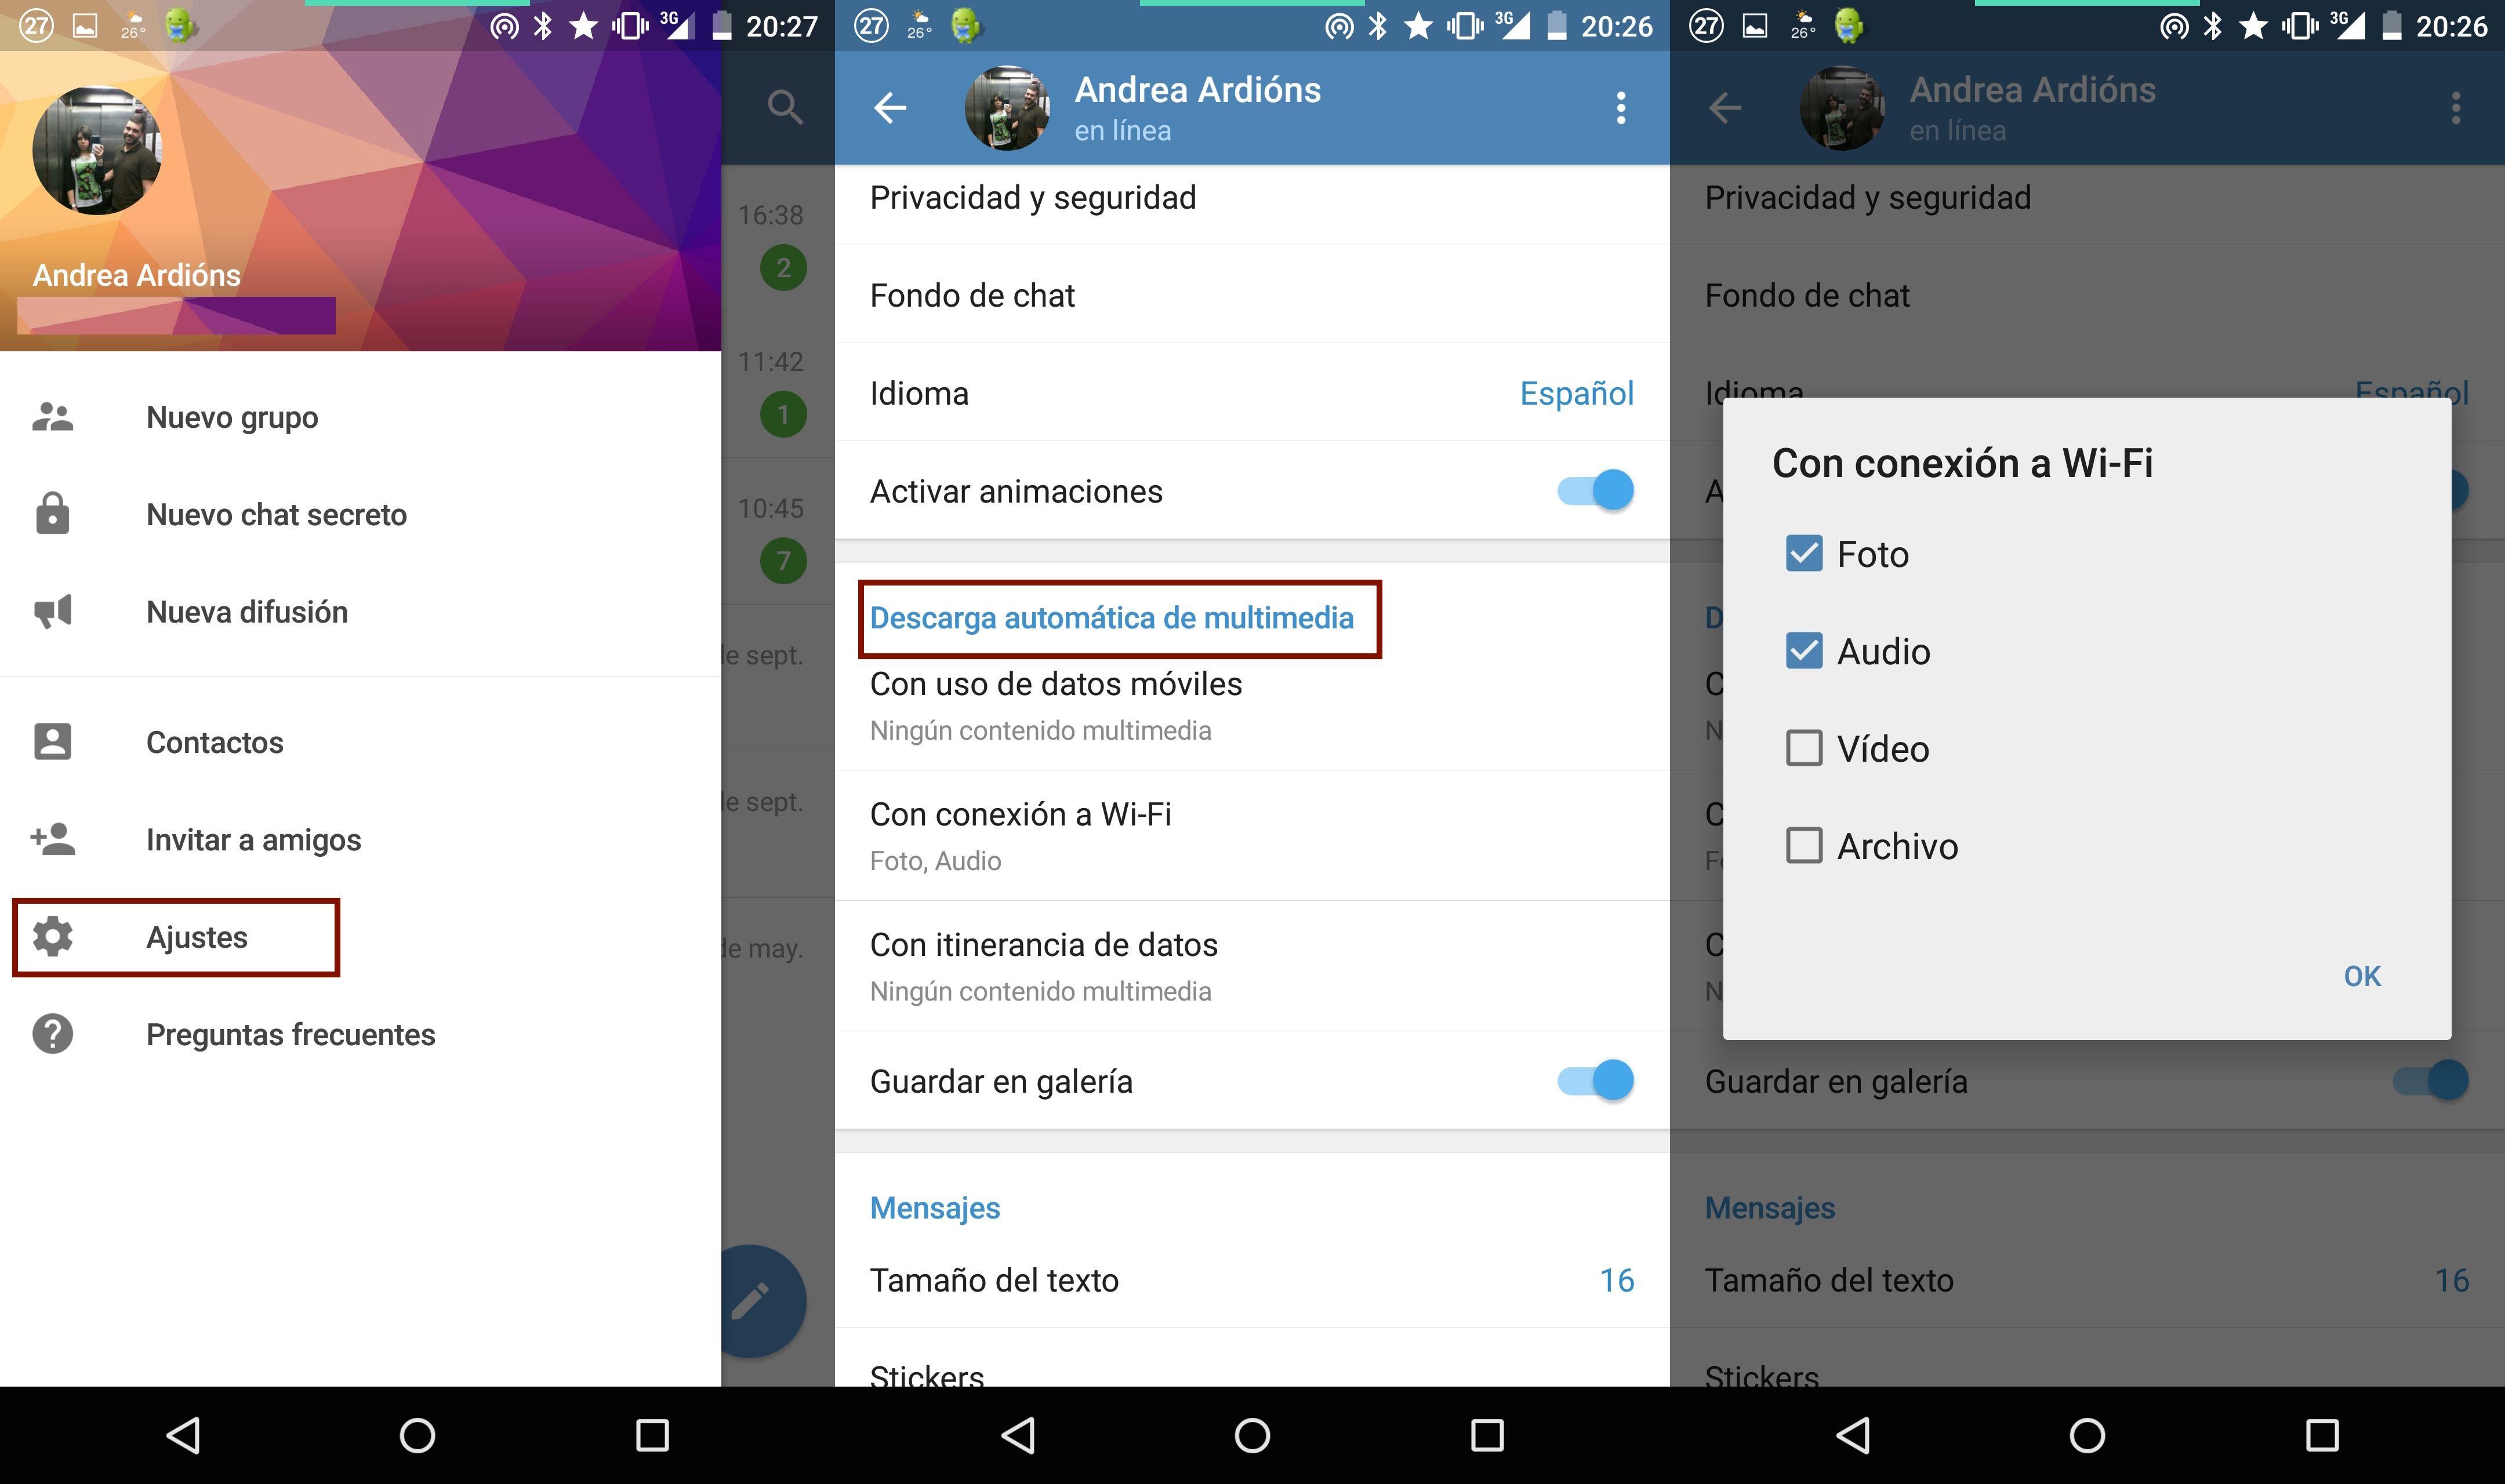 Cómo desactivar la descarga automática de multimedia en Telegram